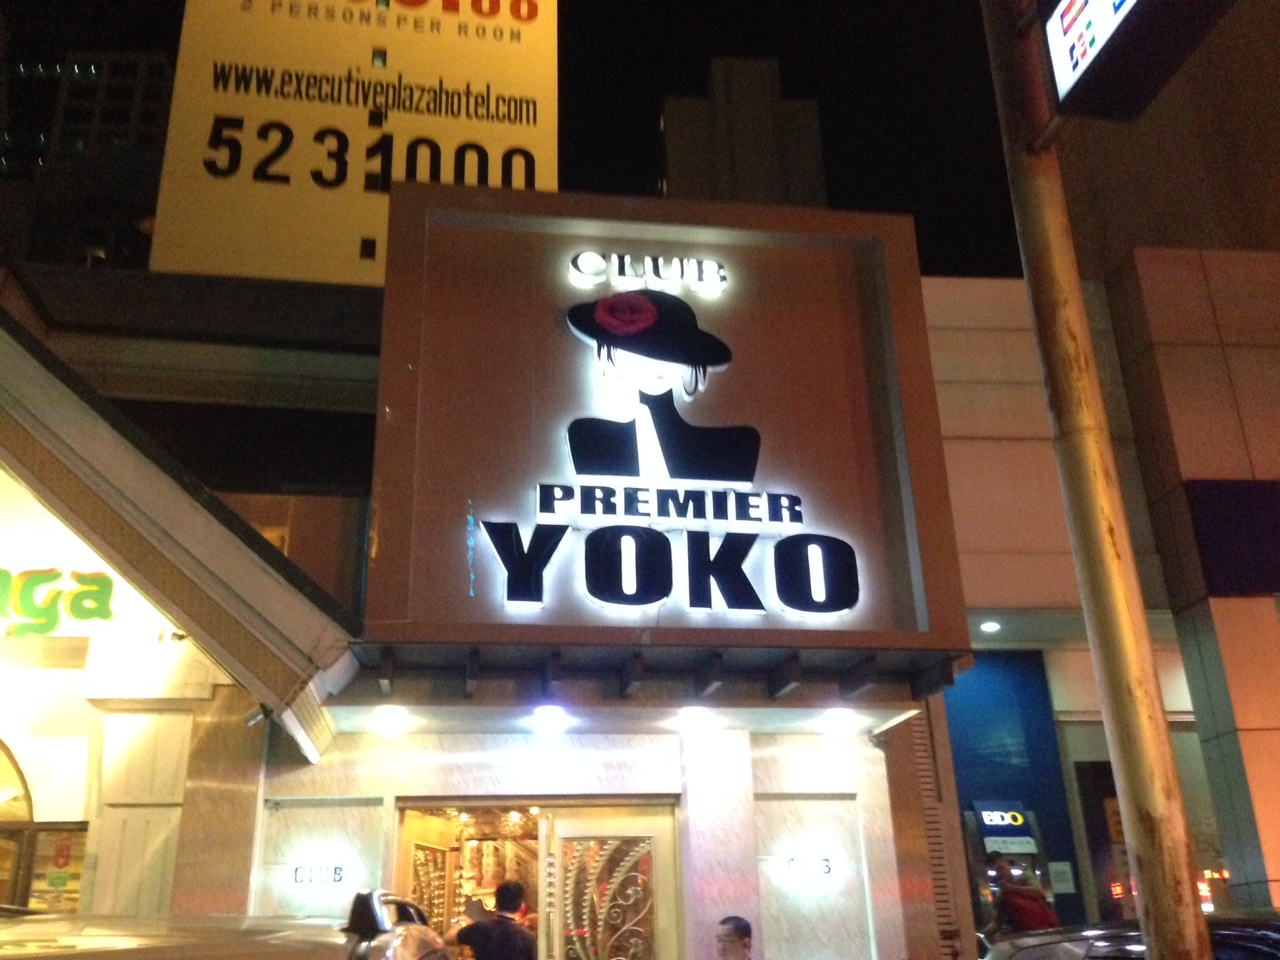 Club PREMIER YOKO プレミアヨーコ -フィリピンマラテのKTV-